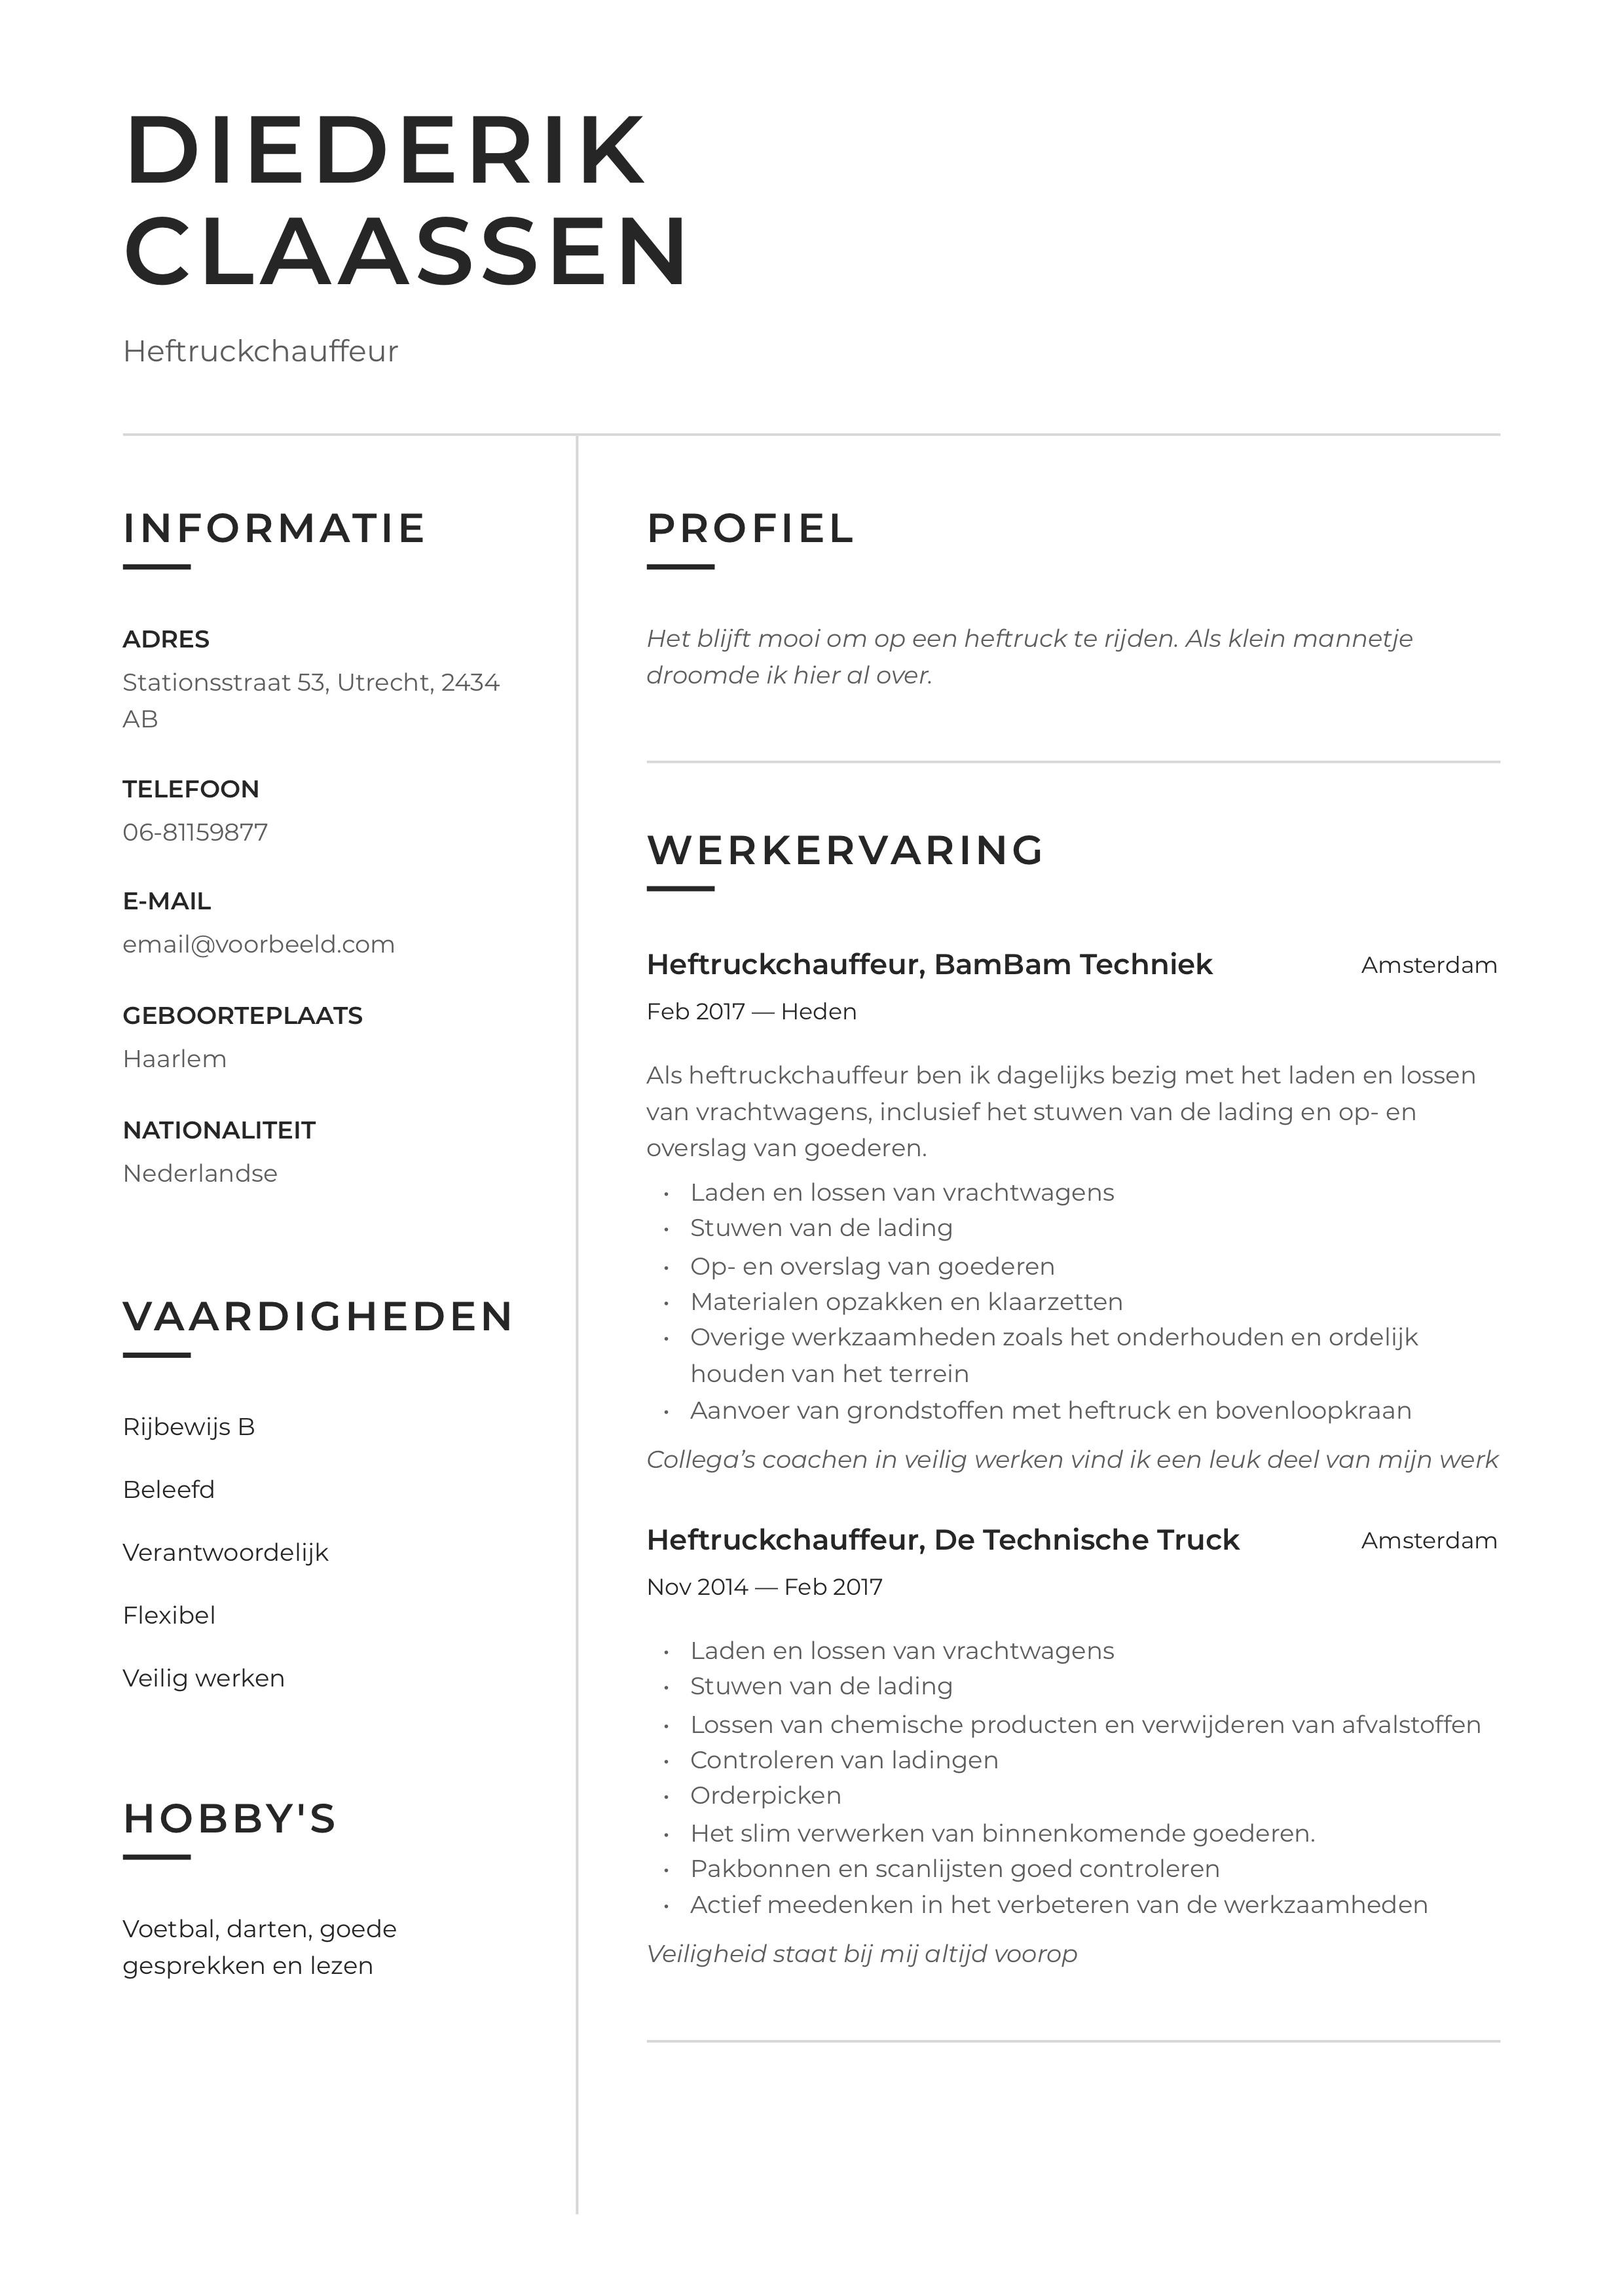 CV Voorbeeld Heftruckchauffeur